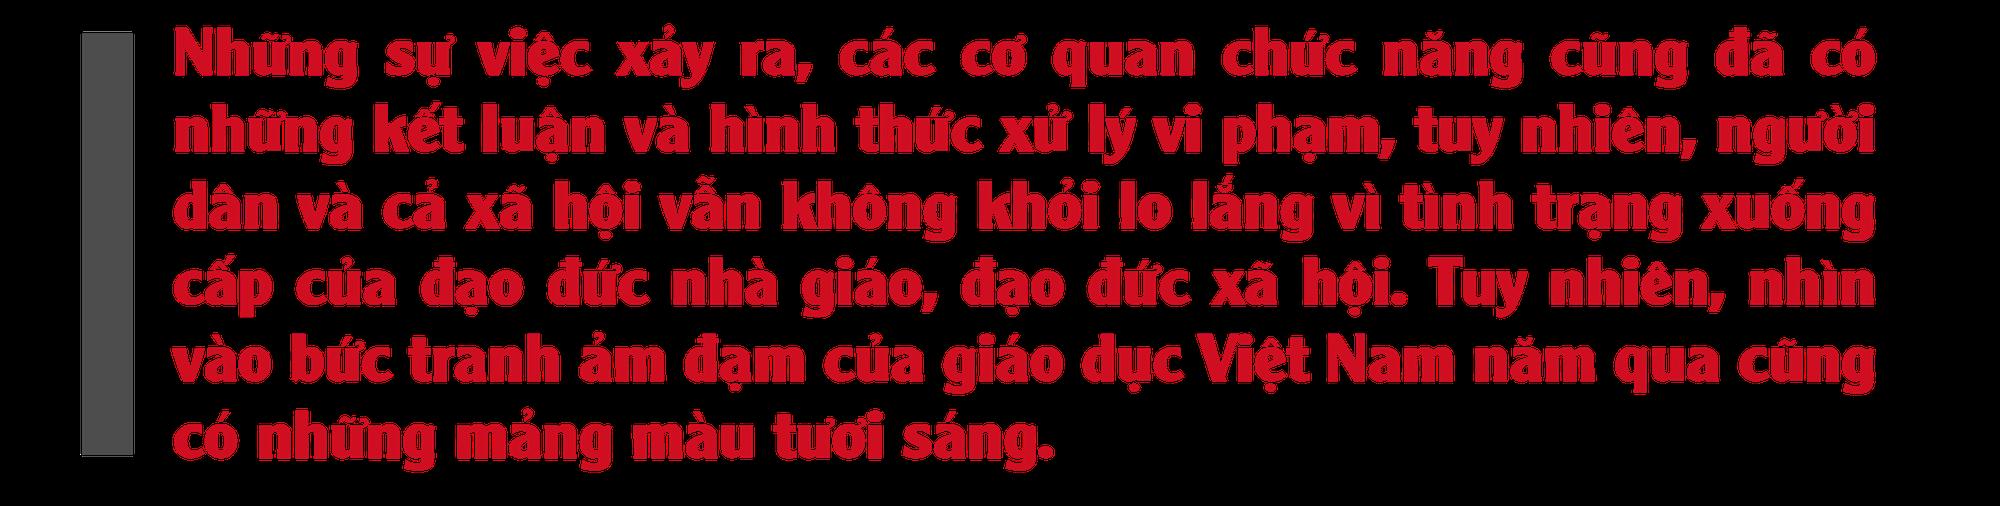 [eMagazine] Kỳ tích giáo dục Việt Nam có lặp lại trong năm mới? - Ảnh 4.